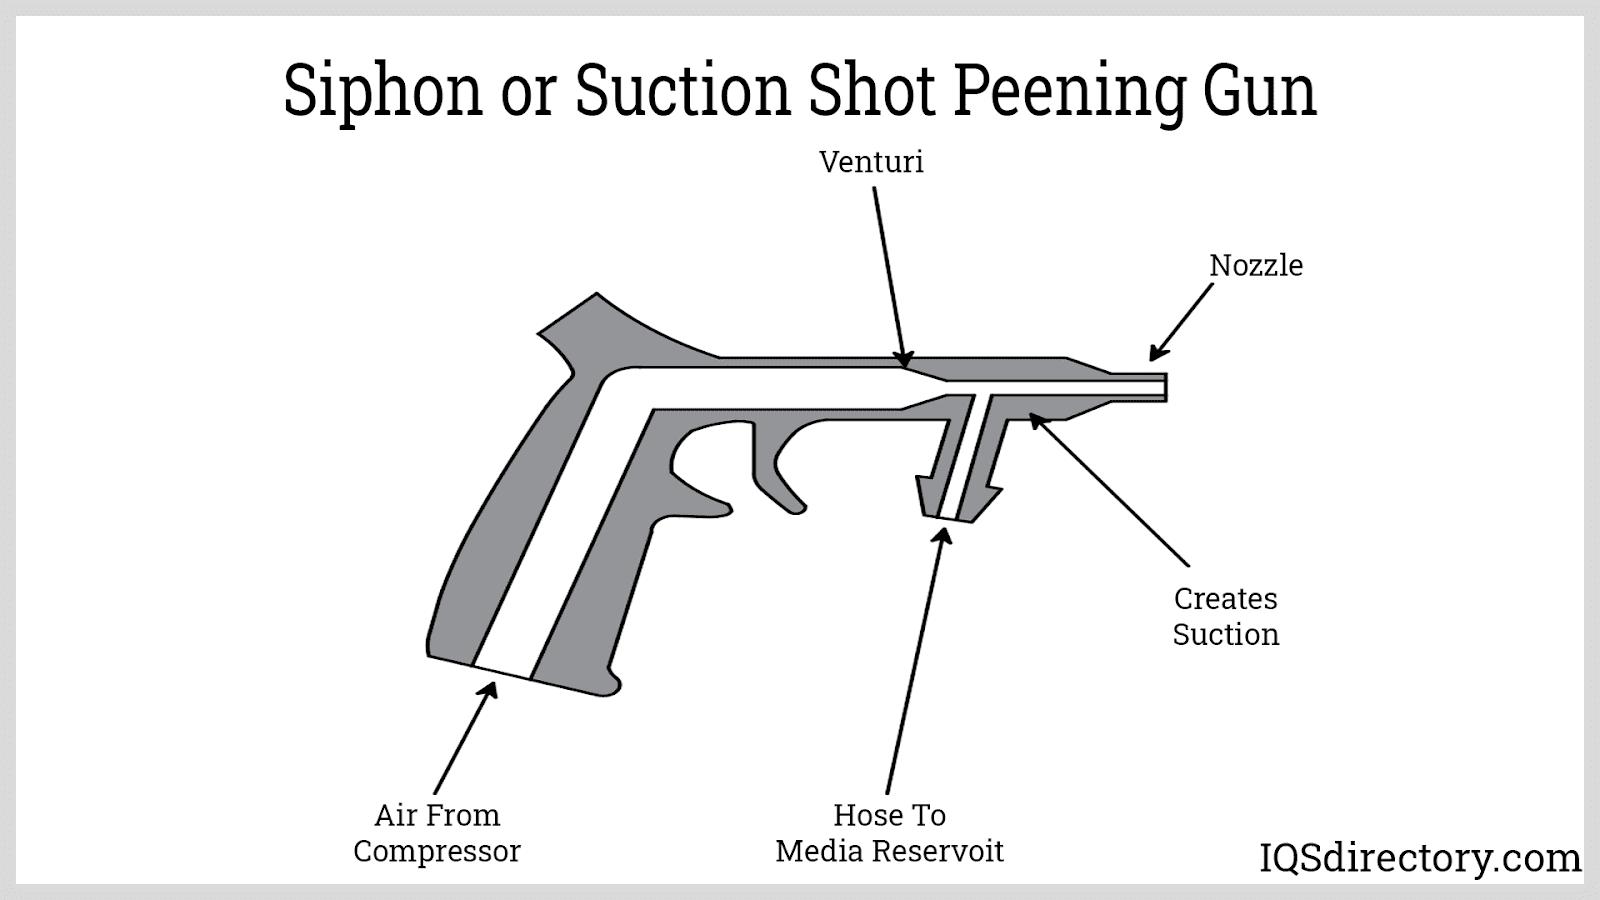 Siphon or Suction Shot Peening Gun